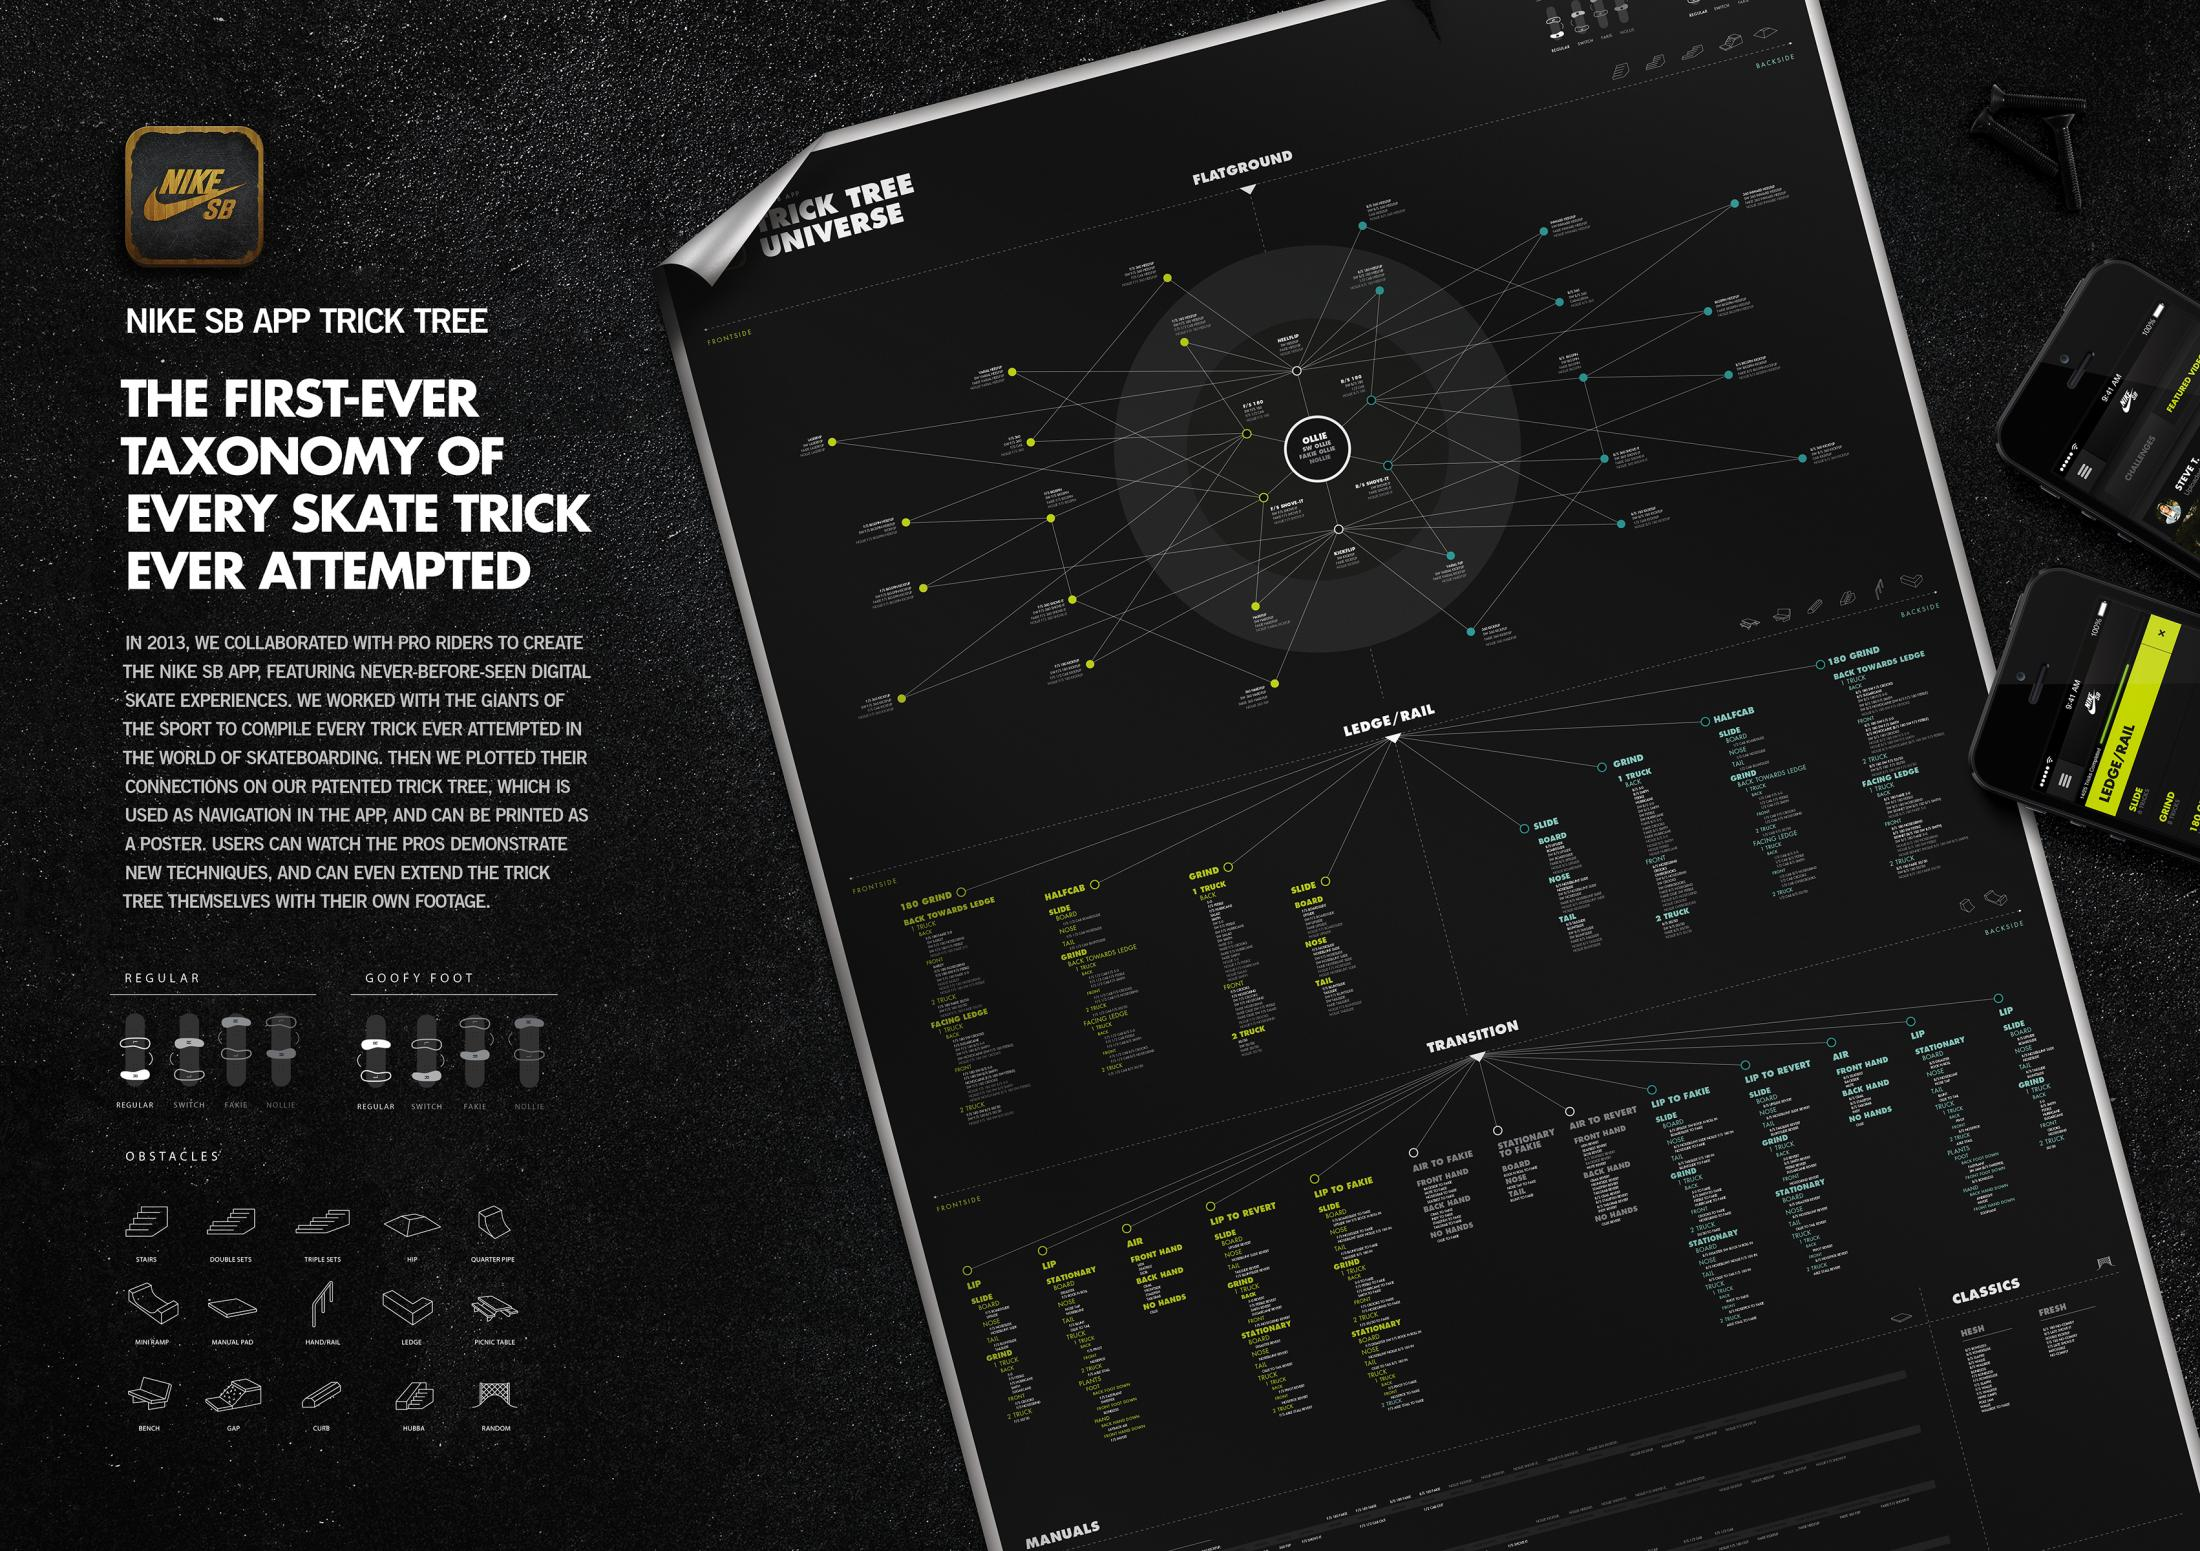 Thumbnail for The Nike SB App Trick Tree